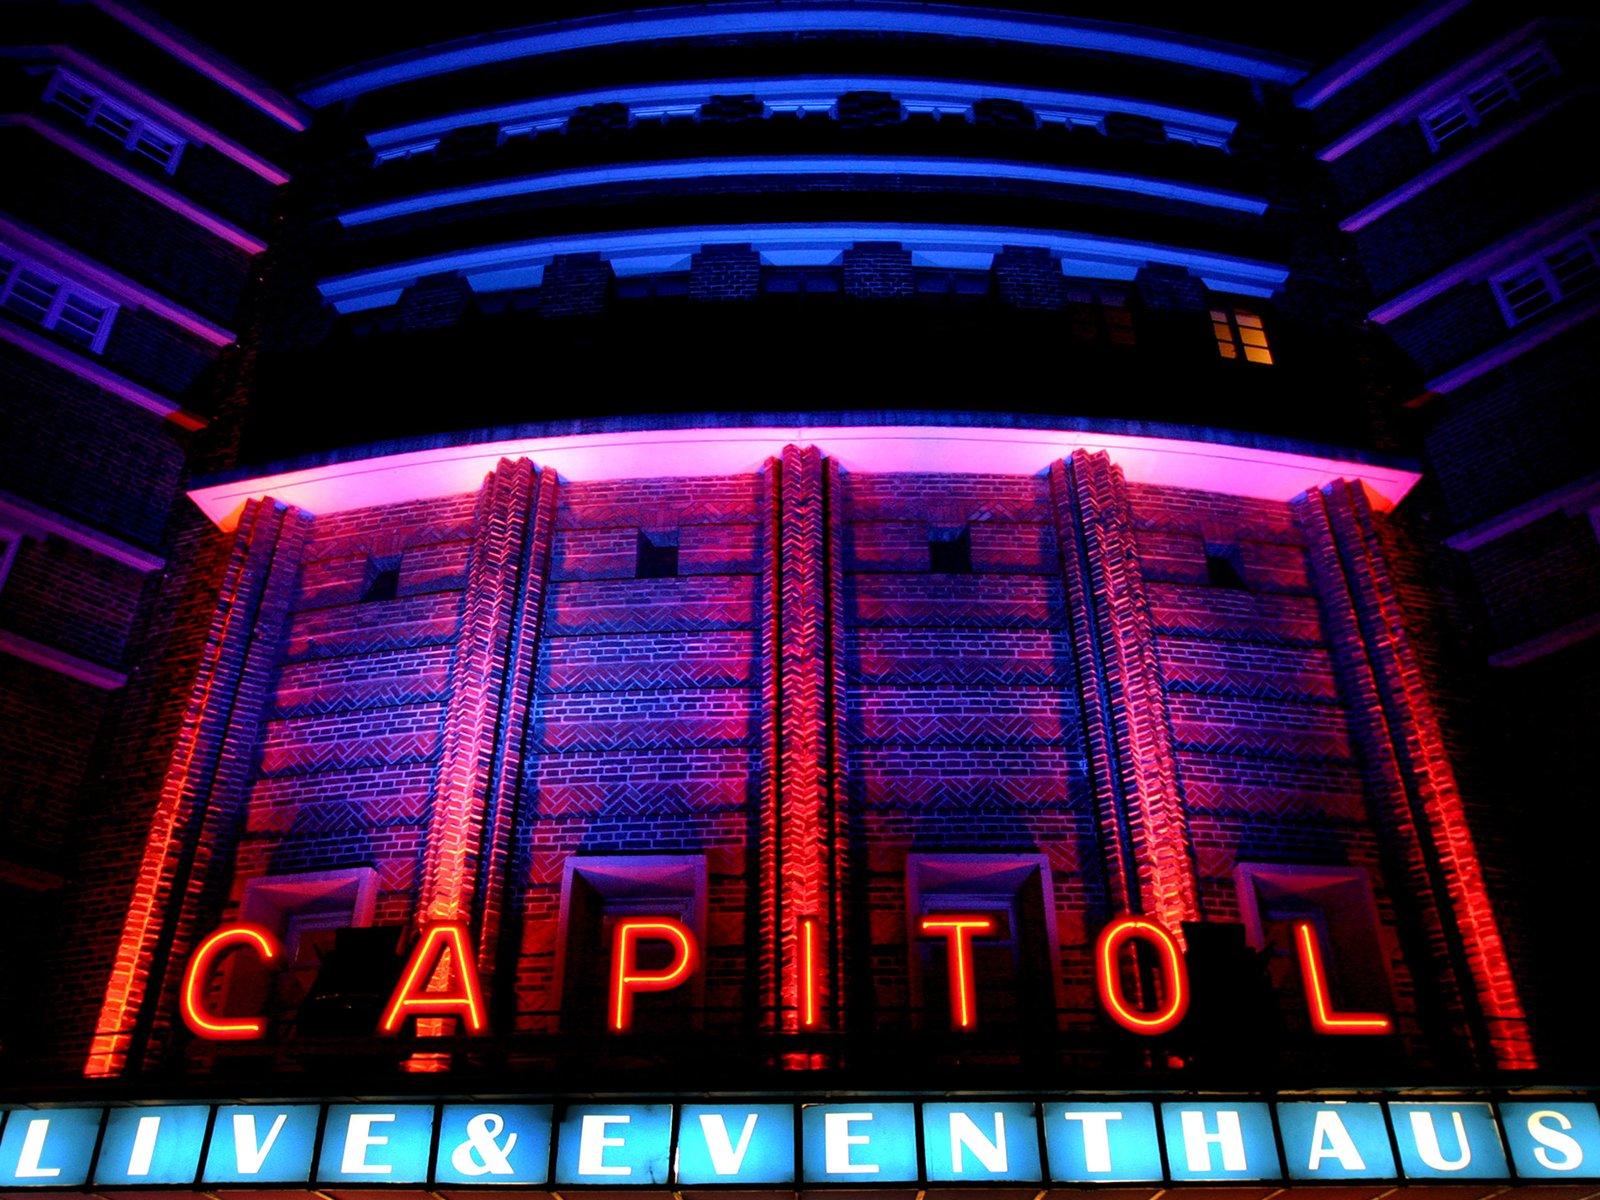 Mannheim, Veranstaltungsort: Capitol, Außenansicht bei Nacht